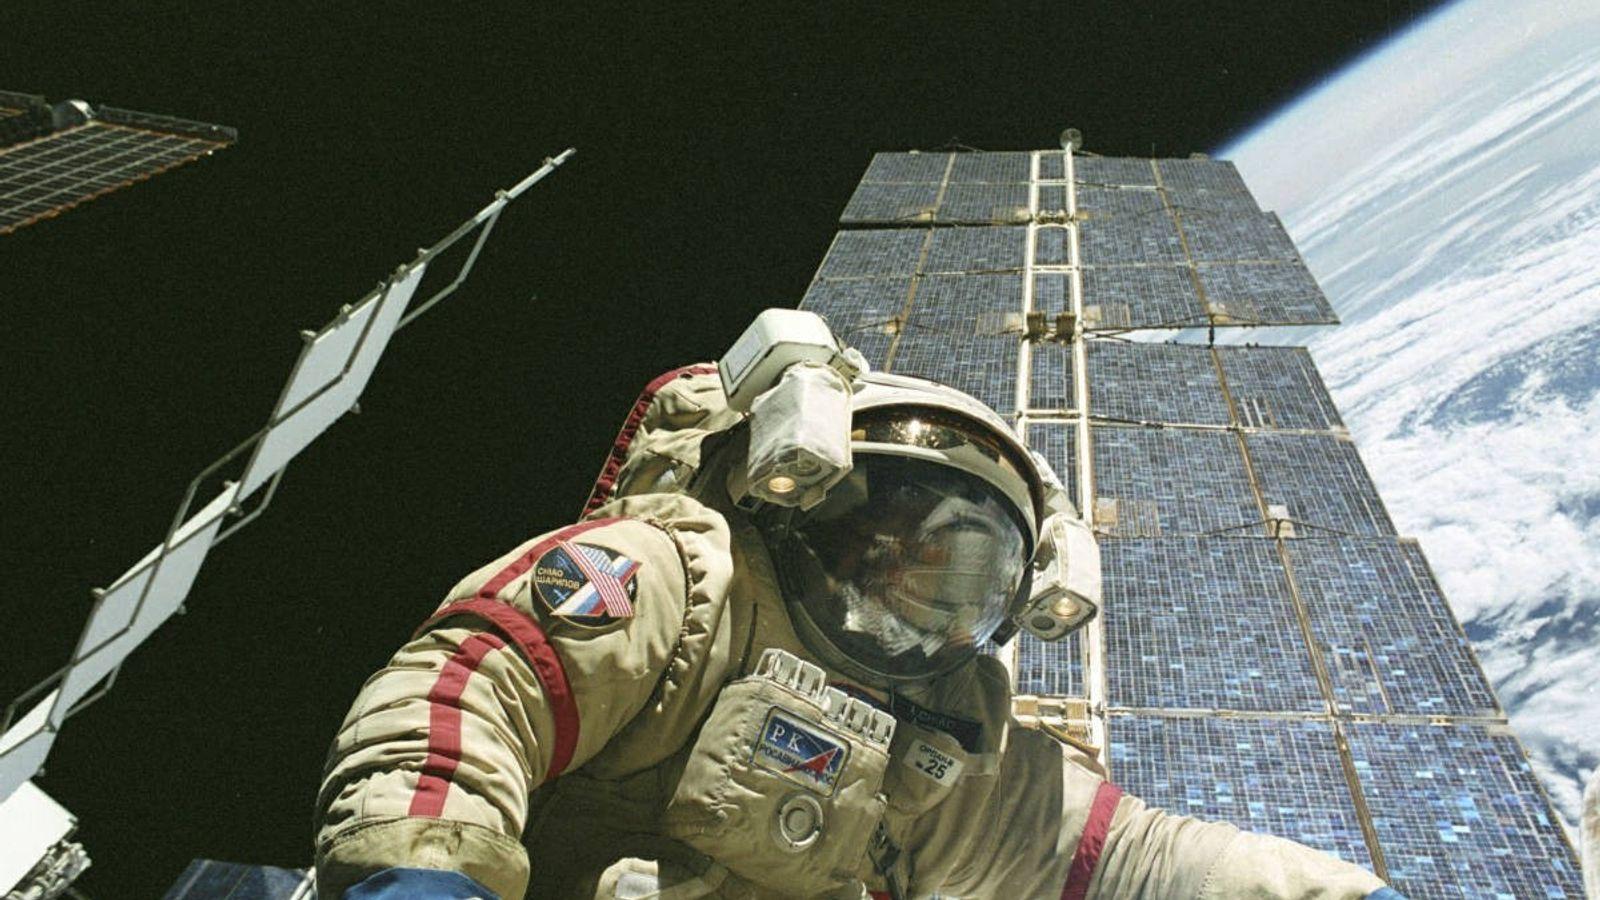 O astronauta Leroy Chiao em missão na Estação Espacial Internacional.